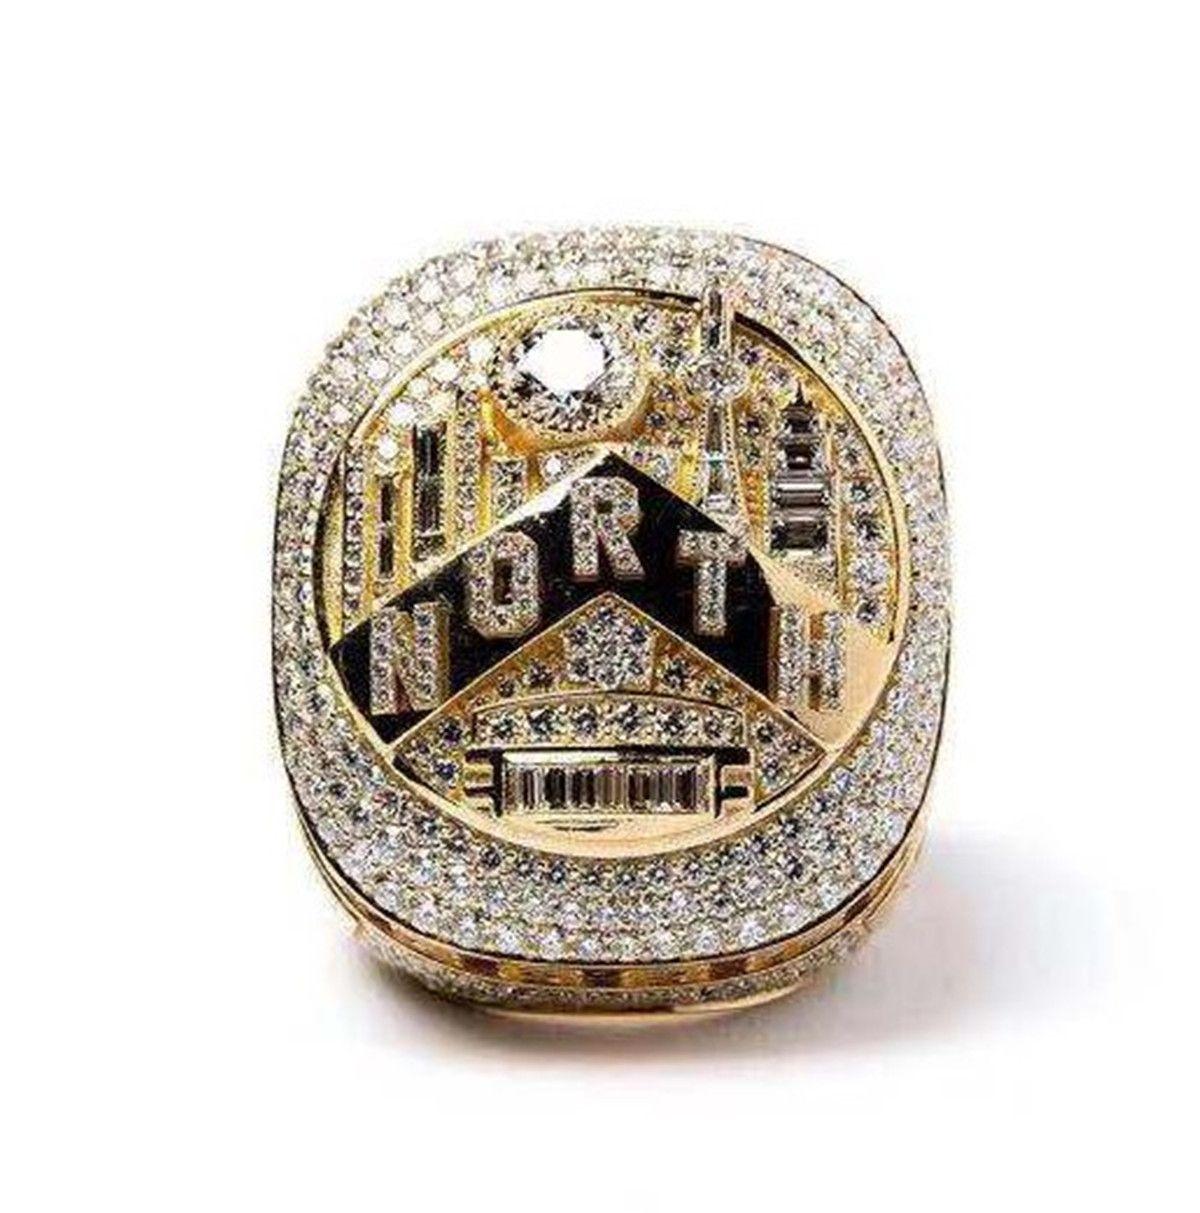 Il più nuovo! 2019 dell'Autorità Raptors l'anello di campionato di basket Leonard Lowry anelli 2020 uomini Fans colleziona souvenir MVP gioielli all'ingrosso